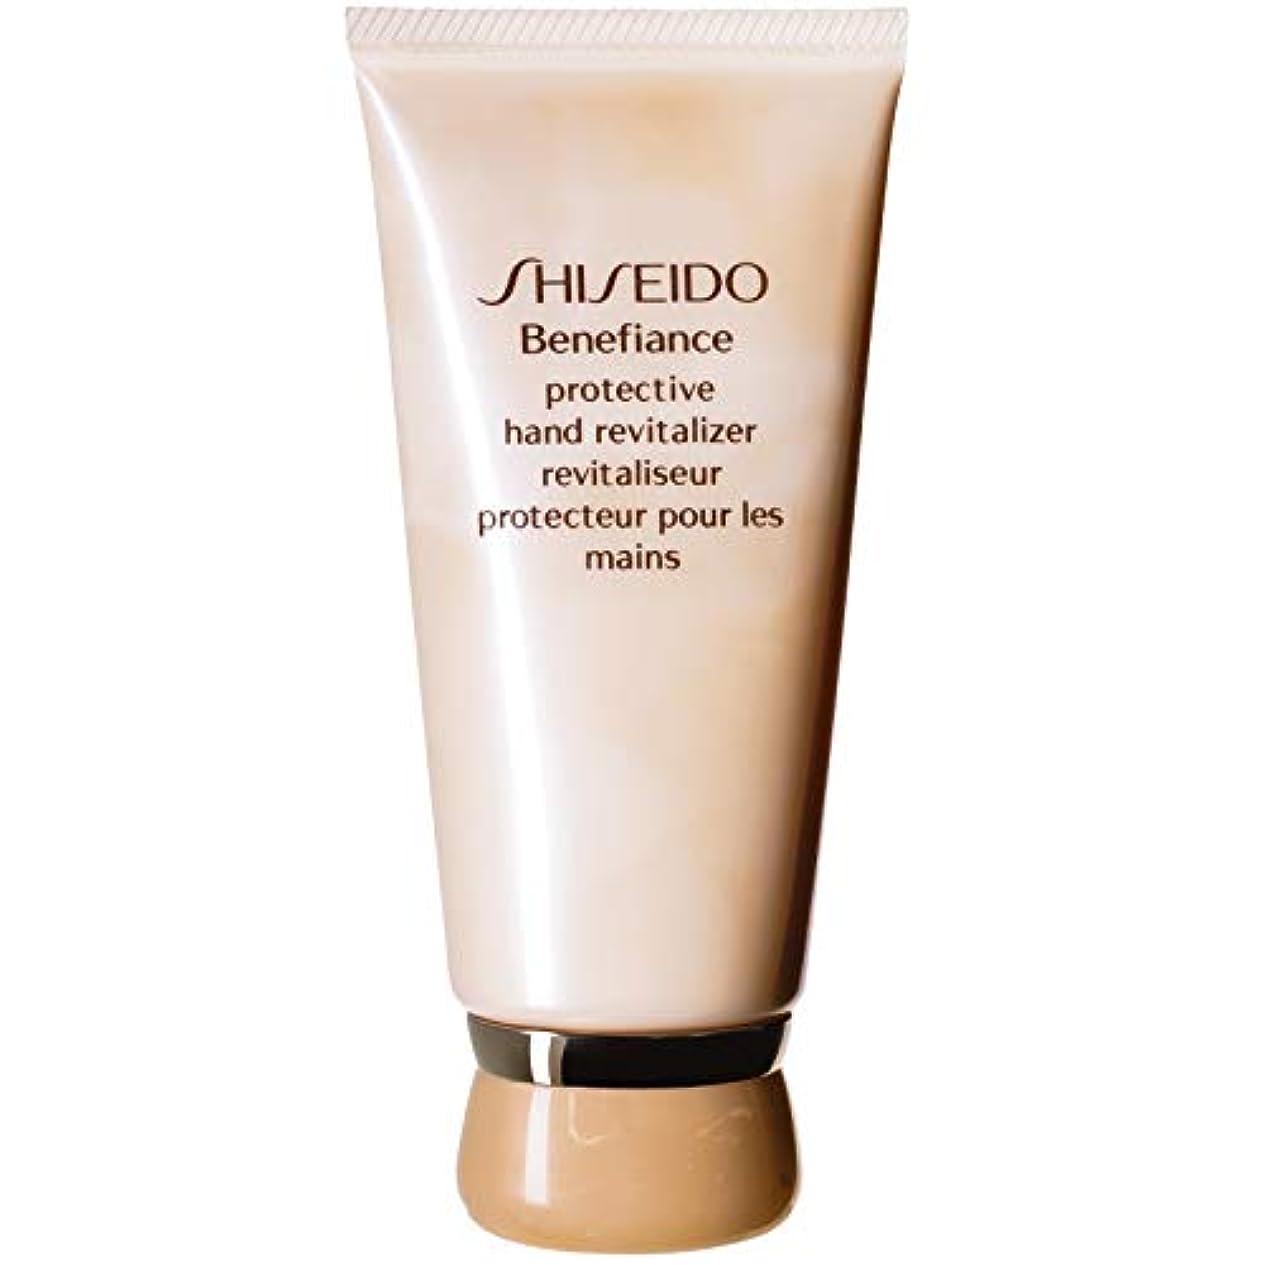 自治手順不正直[Shiseido] 資生堂ベネフィアンス保護手の滋養強壮の75ミリリットル - Shiseido Benefiance Protective Hand Revitalizer 75ml [並行輸入品]